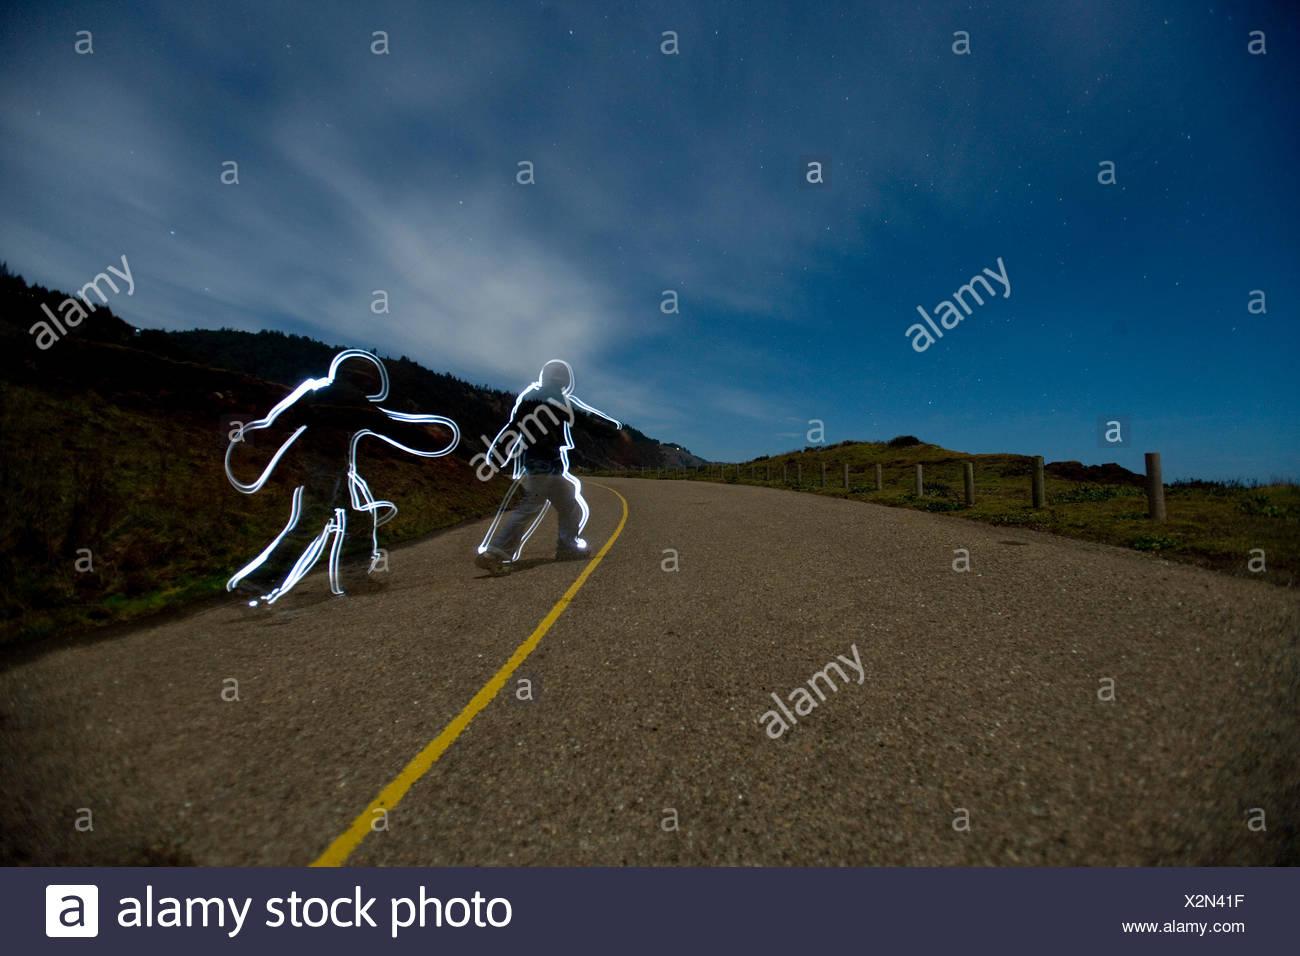 Lightpainting imagen de dos seres humanos caminando por una carretera Imagen De Stock